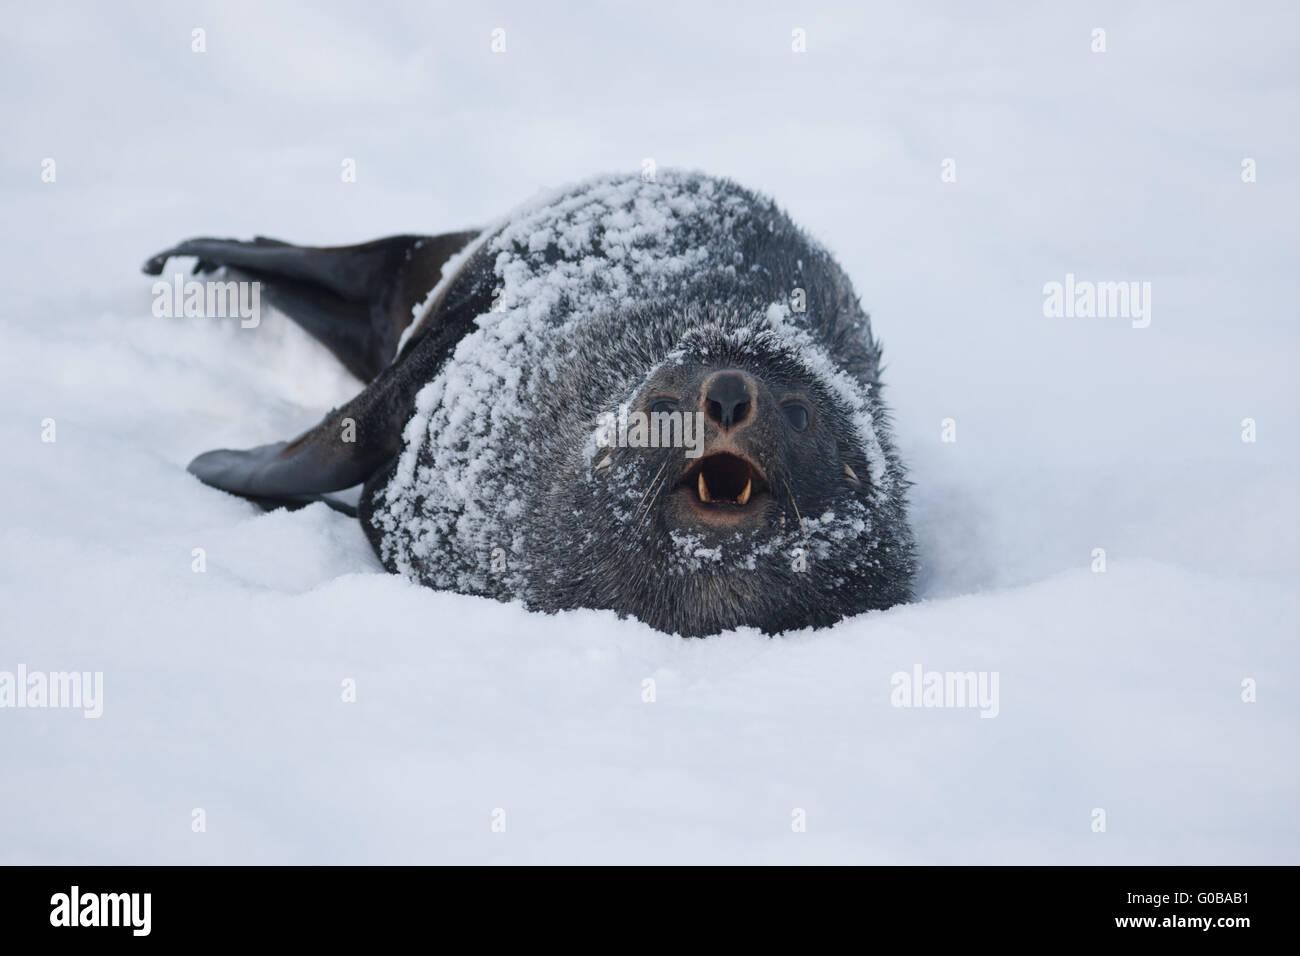 Fur Seal, who growls. - Stock Image